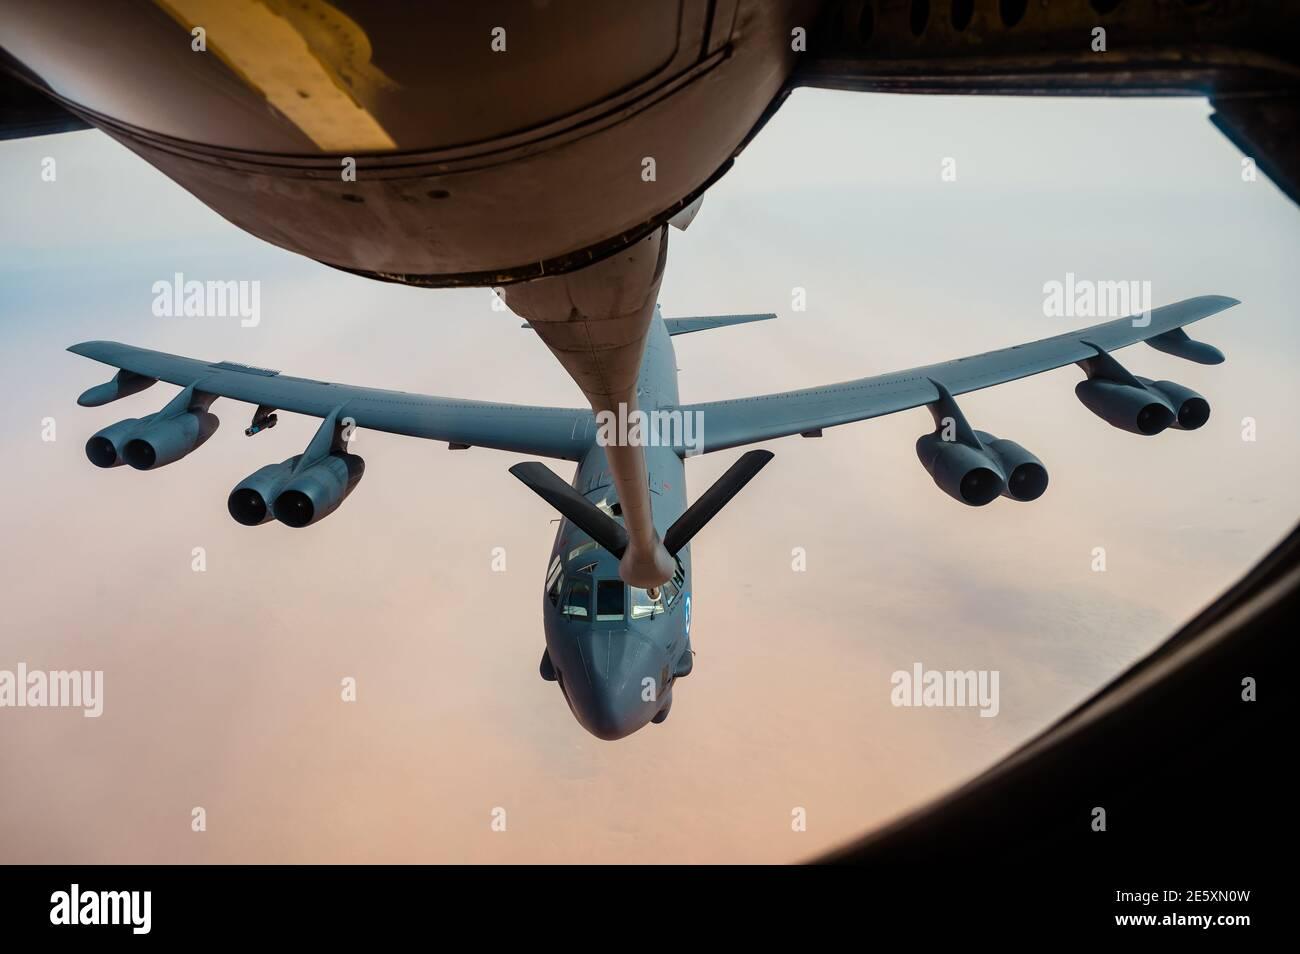 Golfe persique, Arabie Saoudite. 27 janvier 2021. Un bombardier stratégique B-52 Stratofortress de la 2e Escadre Bomb de la U.S. Air Force se prépare à se ravitailler d'un KC-135 Stratotanker lors d'un déploiement de courte durée vers le milieu-est le 27 janvier 202 au-dessus du golfe Persique. Credit: Planetpix/Alamy Live News Banque D'Images